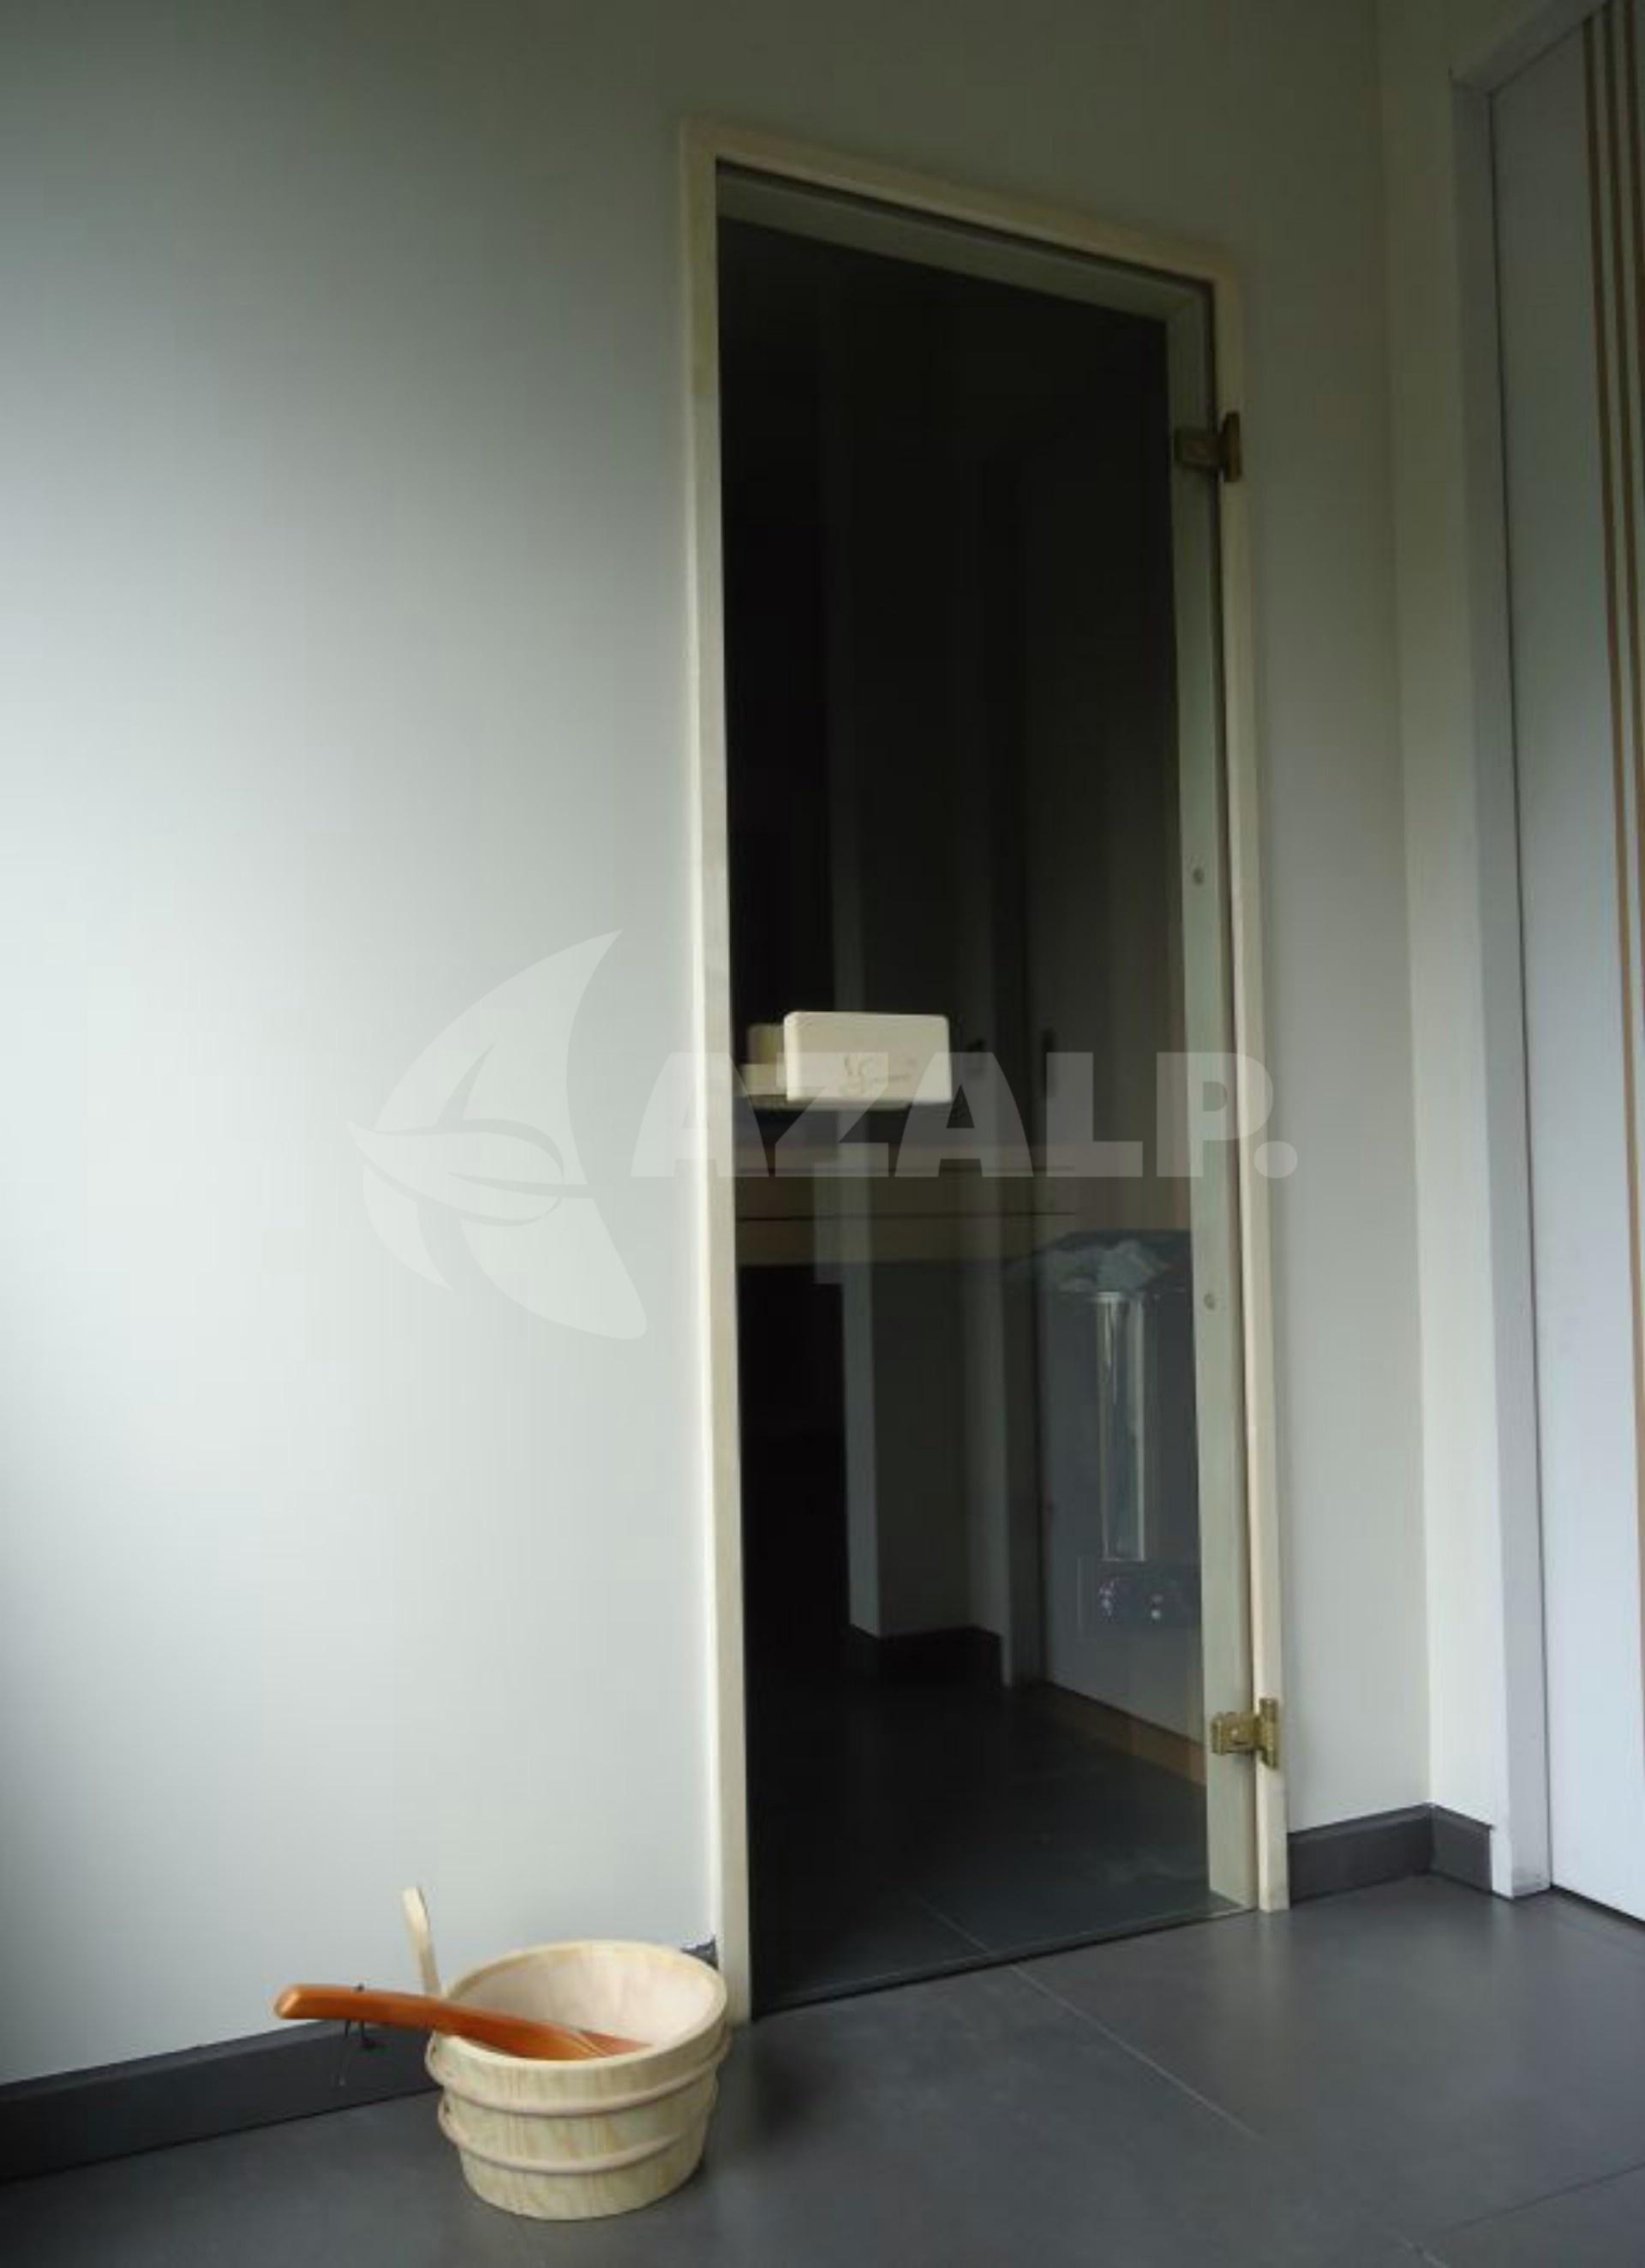 ilogreen saunat r komplett nach ihren w nschen kaufen bei. Black Bedroom Furniture Sets. Home Design Ideas